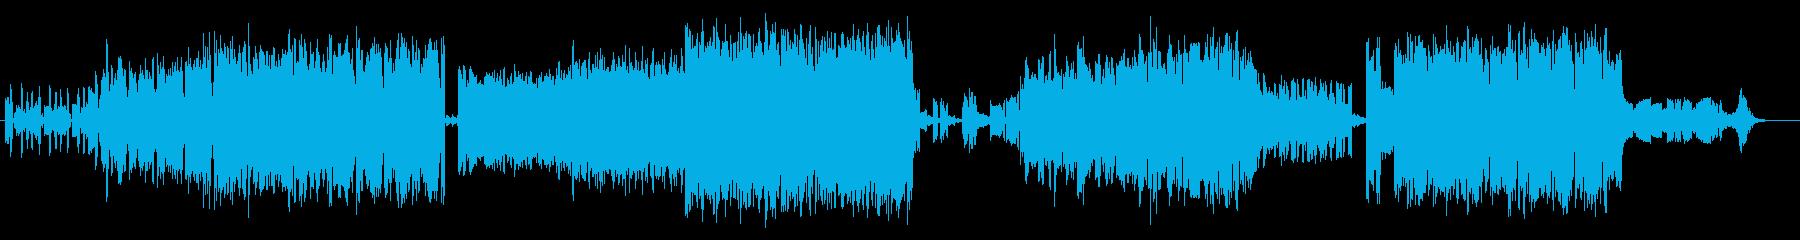 戦闘BGM的なかっこいいシンセサウンドの再生済みの波形